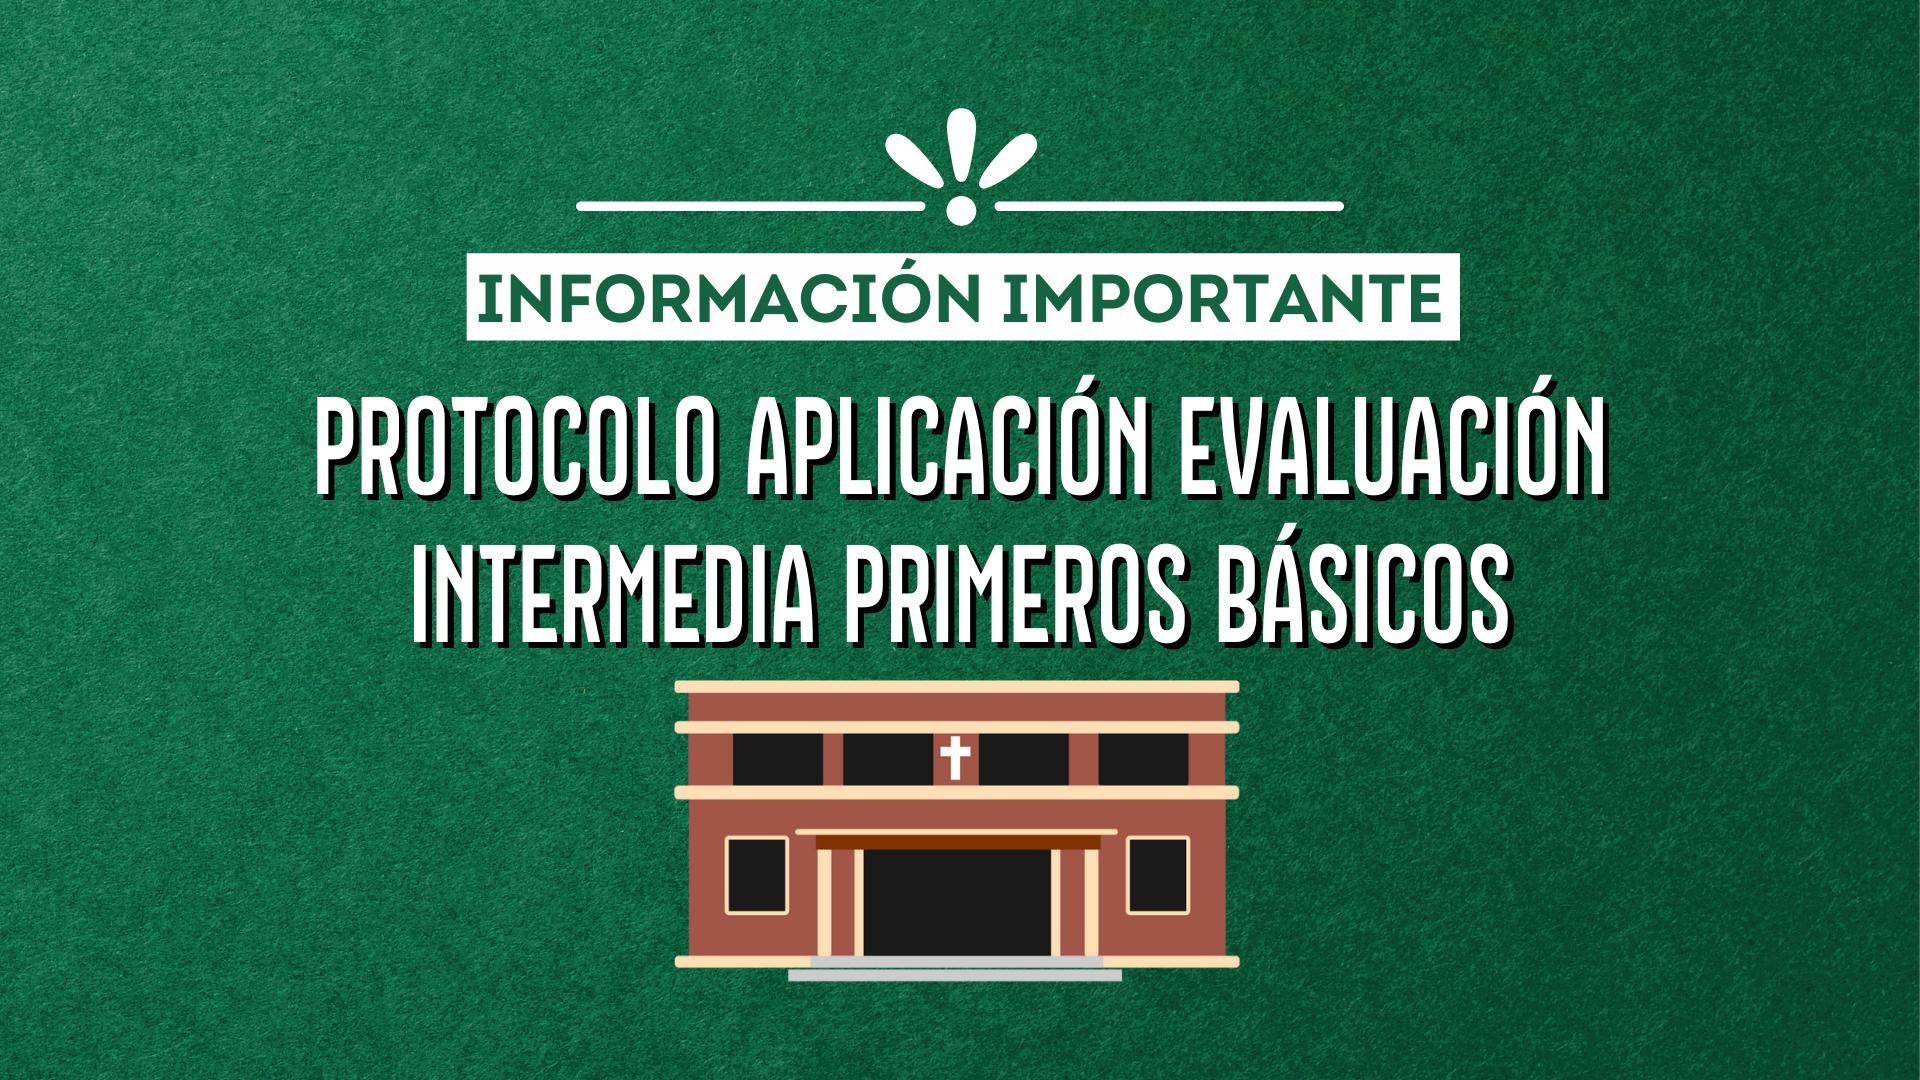 Protocolo aplicación evaluación intermedia primeros básicos